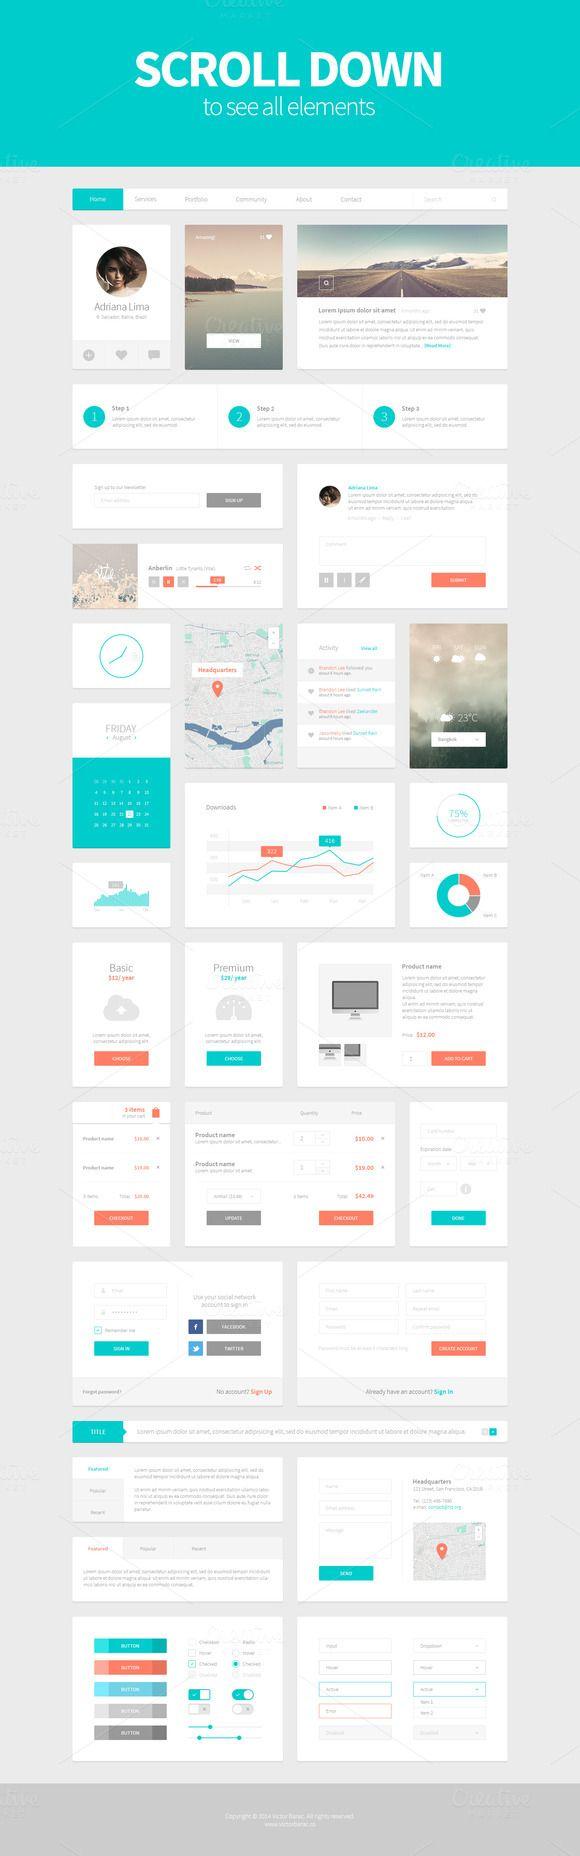 Alpha UI Kit - Web Elements - 4